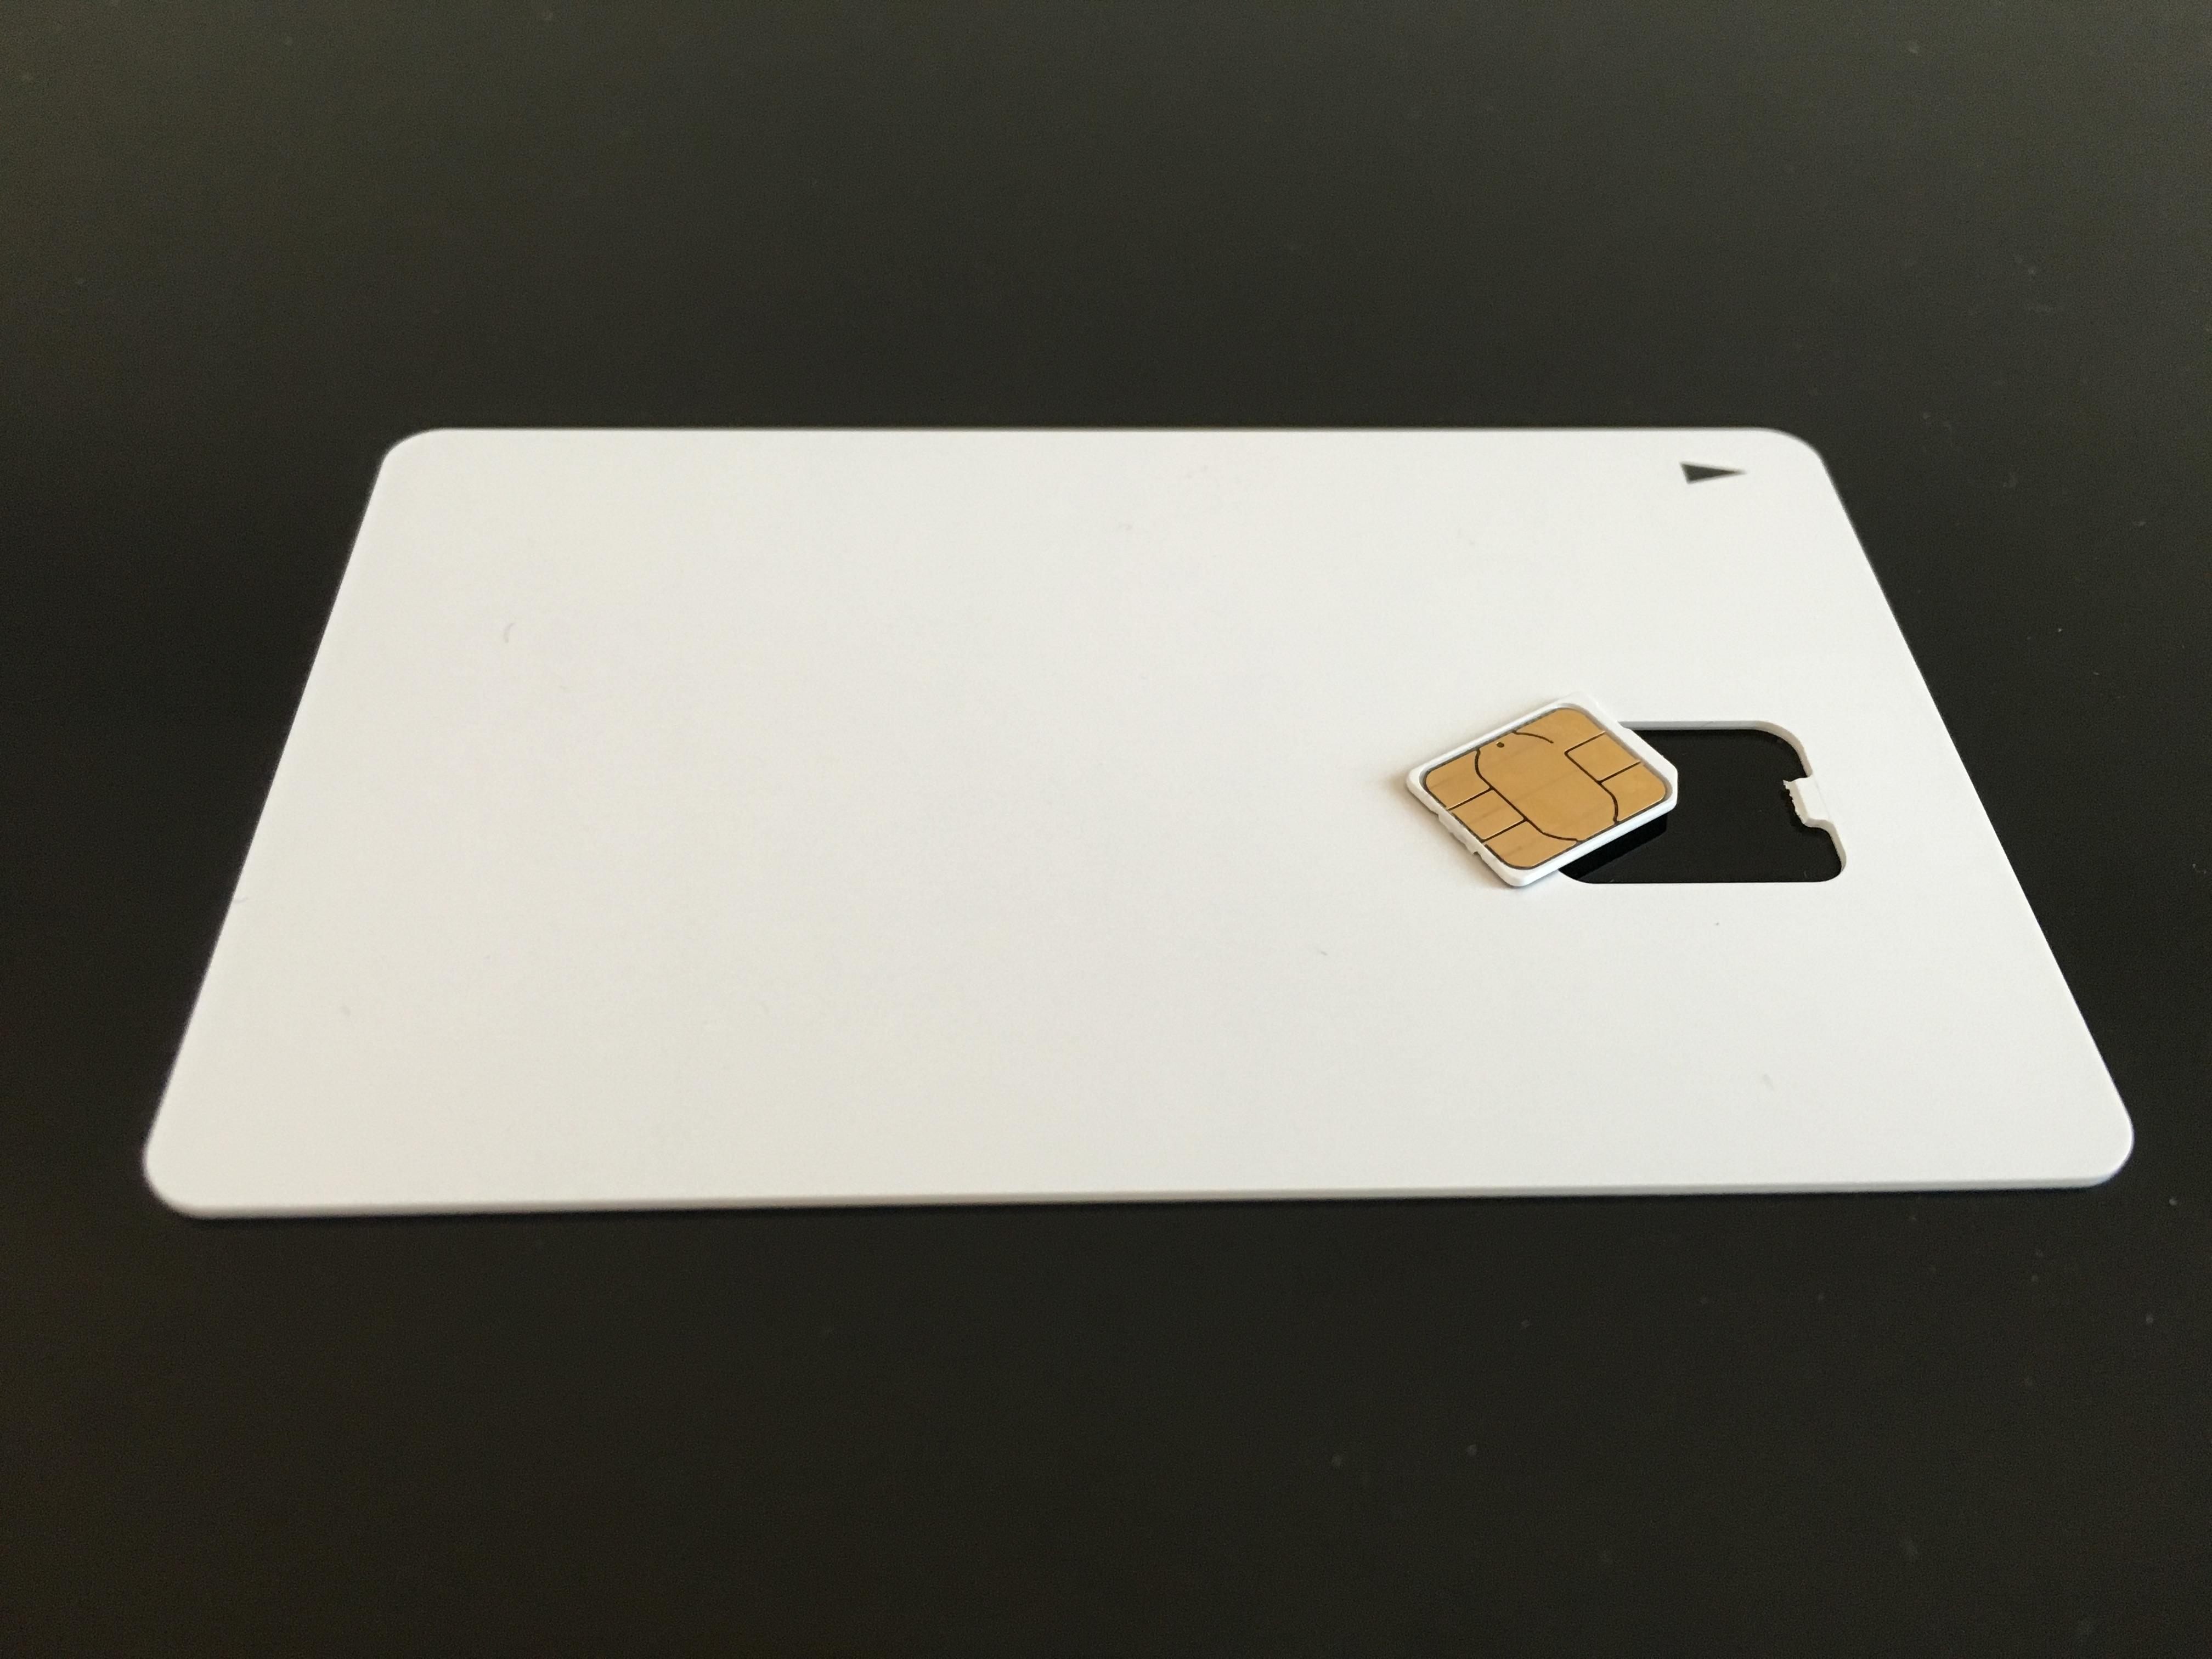 私が厳選した格安SIMのメリット・デメリット比較 選ぶ理由とは